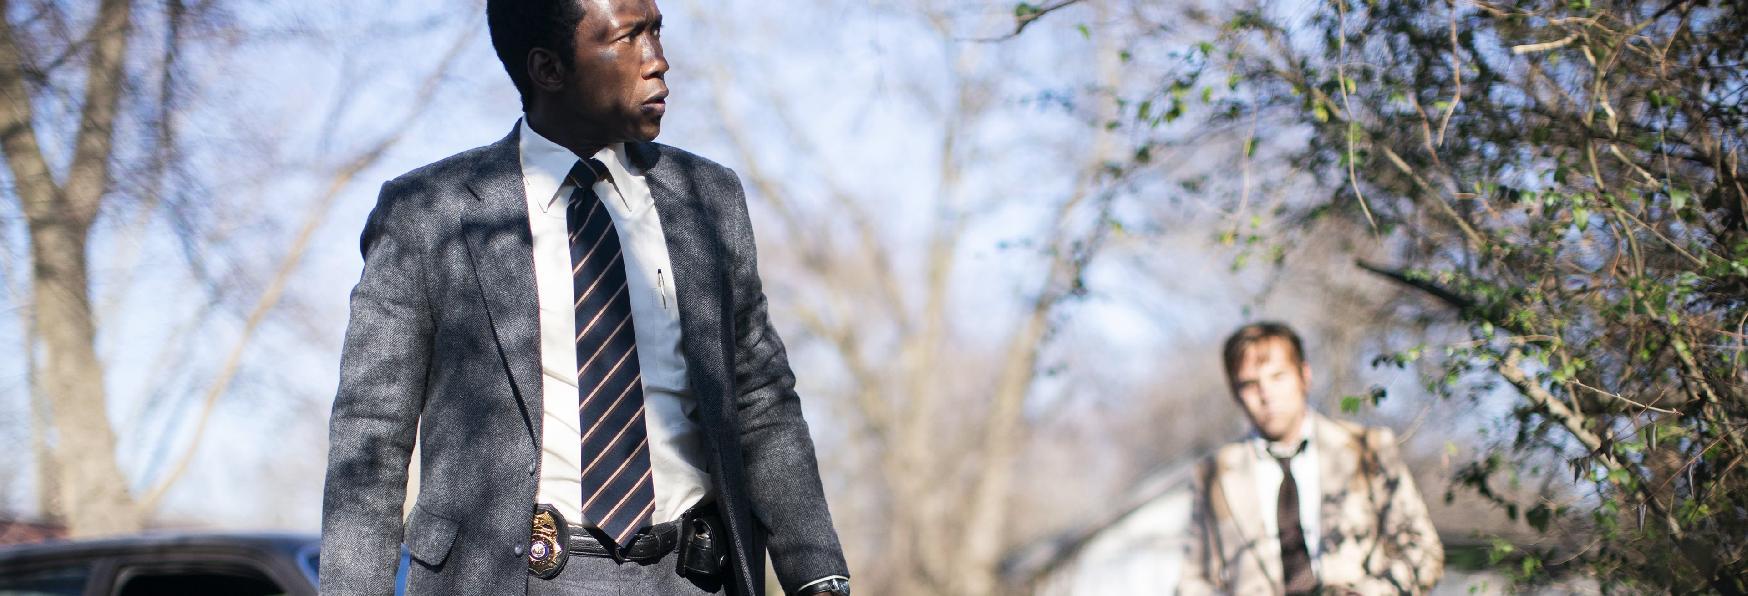 True Detective: la Recensione dell'Episodio 3x02, Kiss Tomorrow Goodbye